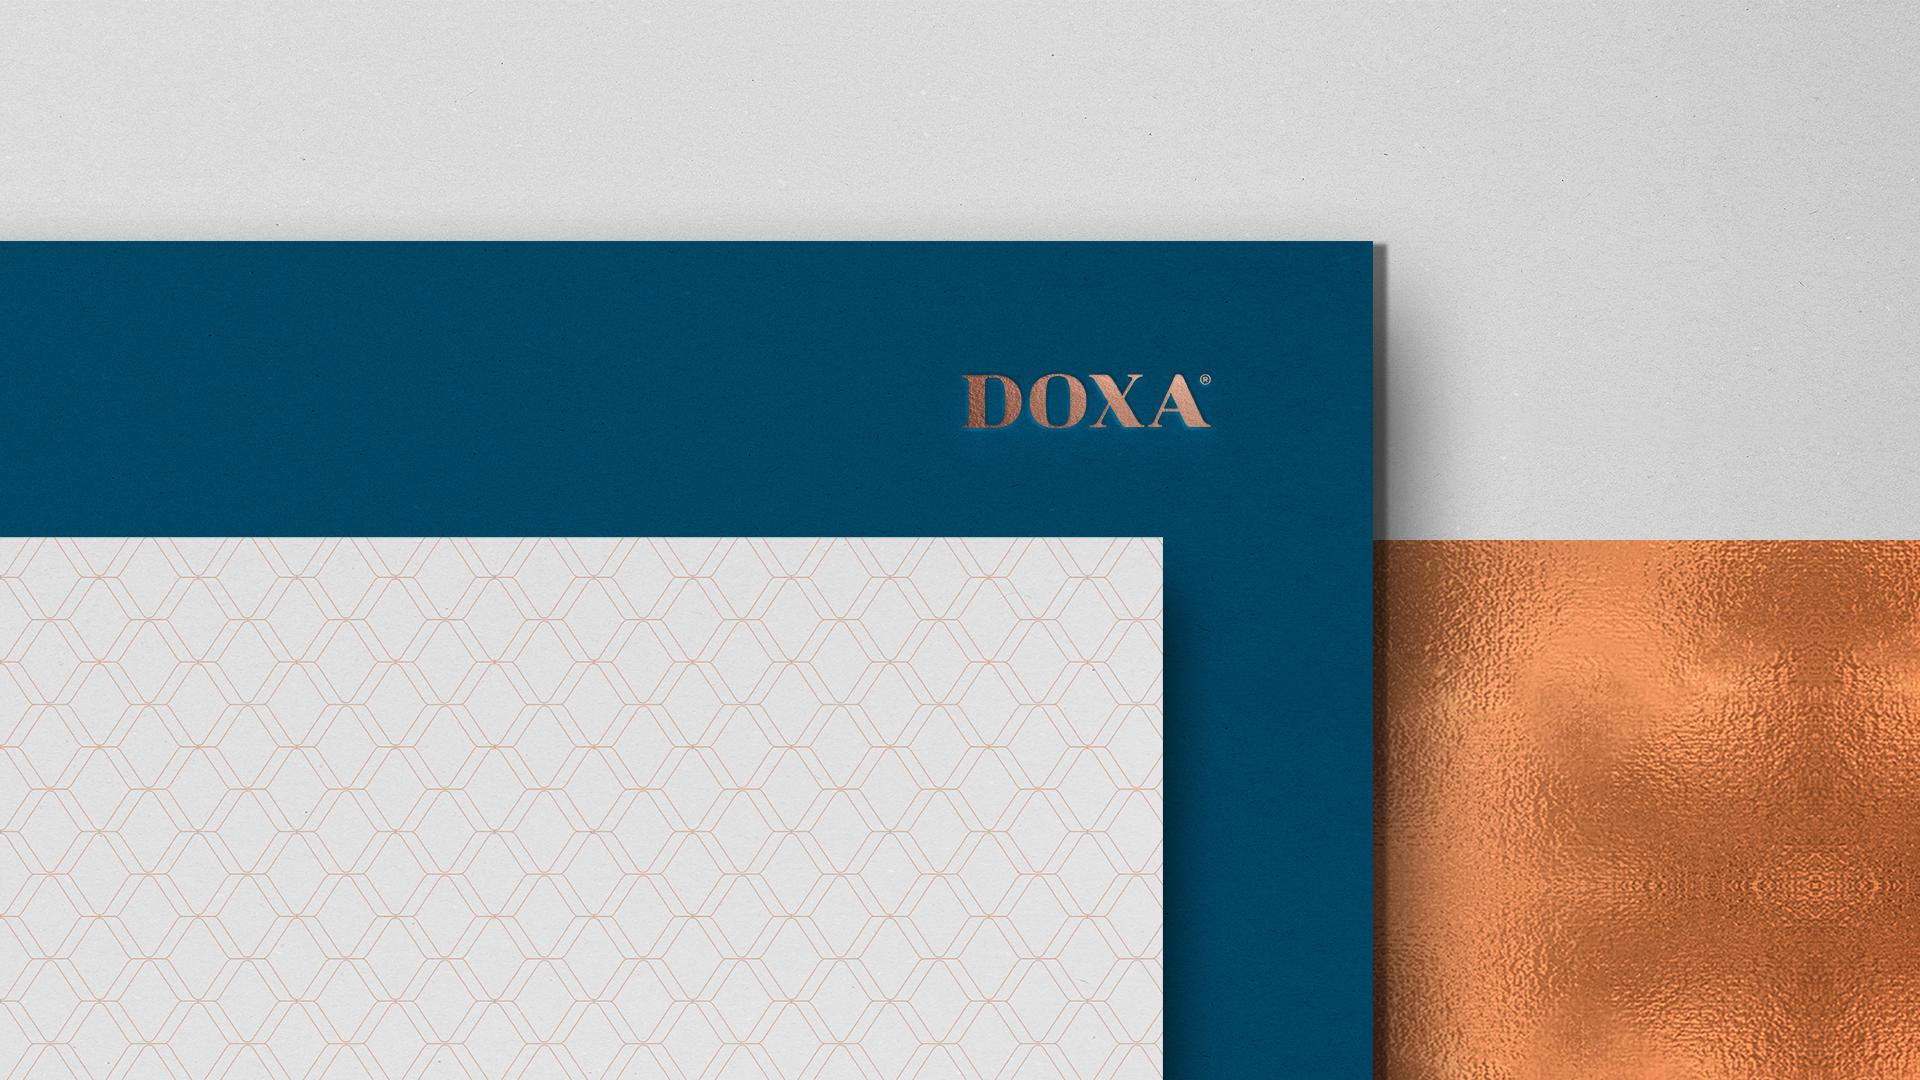 Doxa Branding 7.png